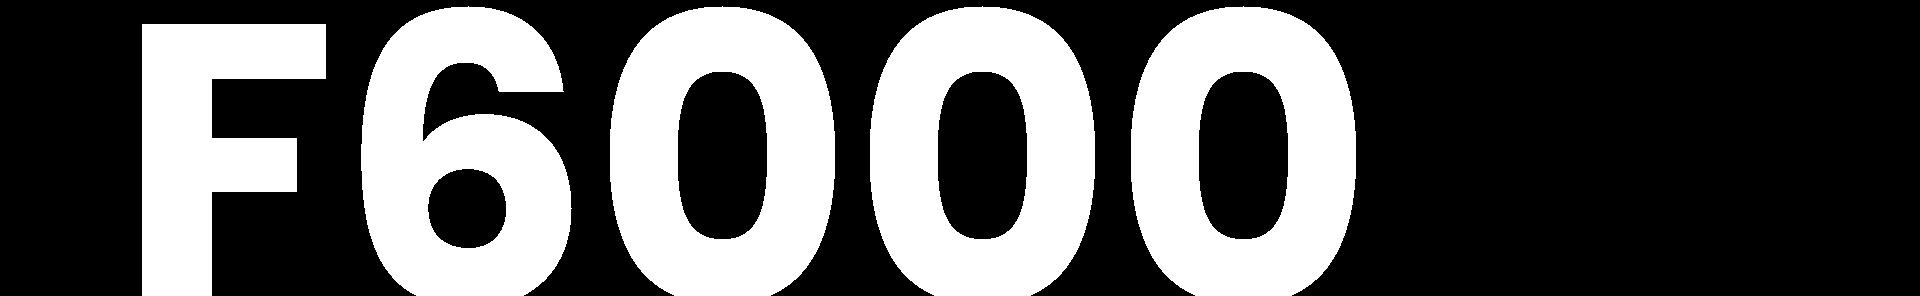 F6000_Background_Freshfilter